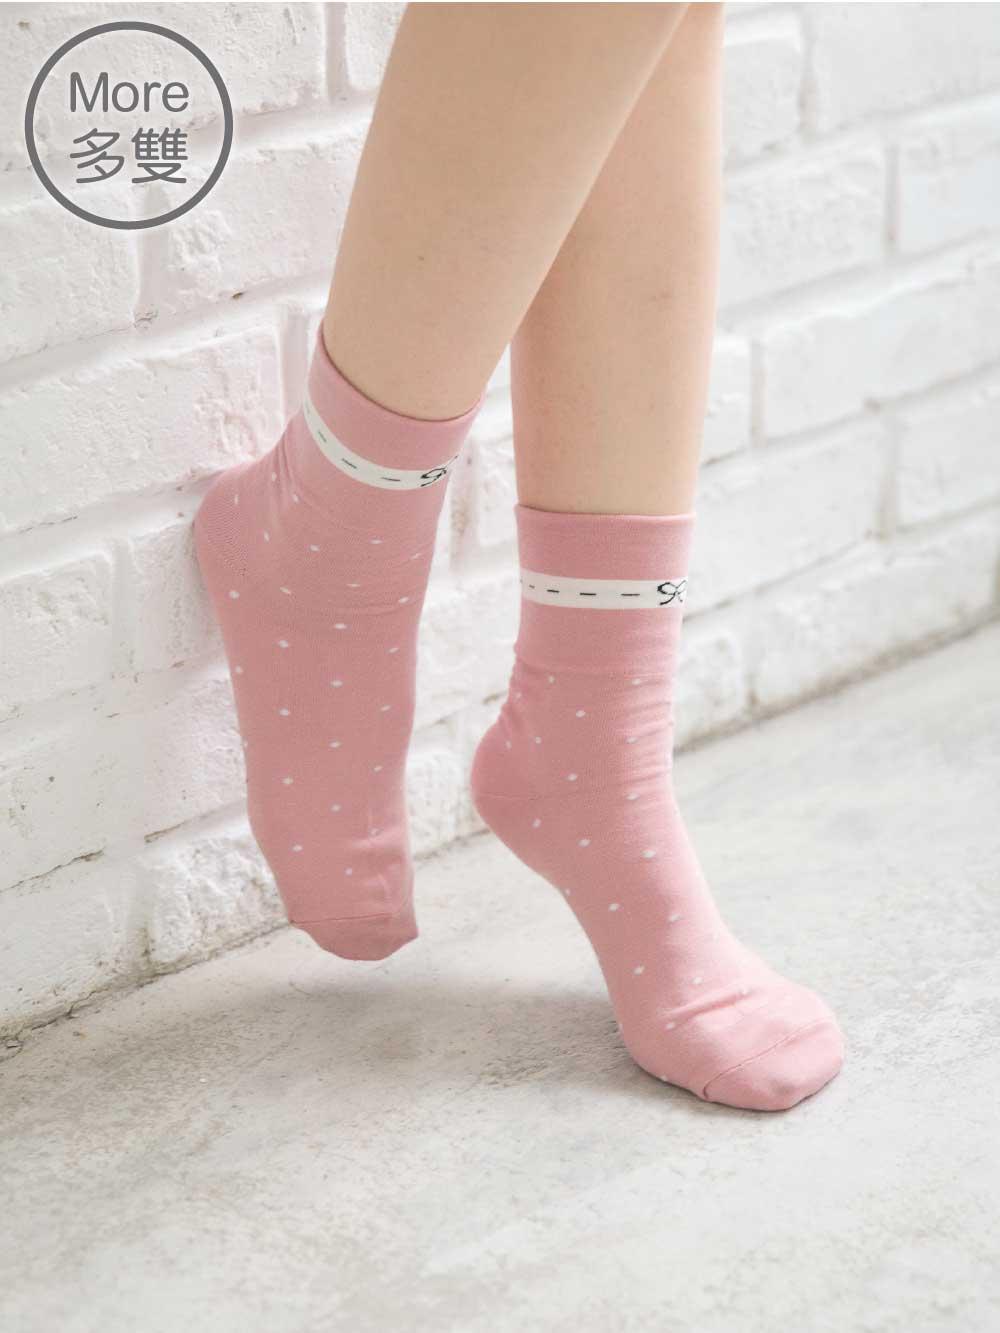 貝柔(5雙) Supima抗菌萊卡除臭襪-短襪(寬口蝶結)